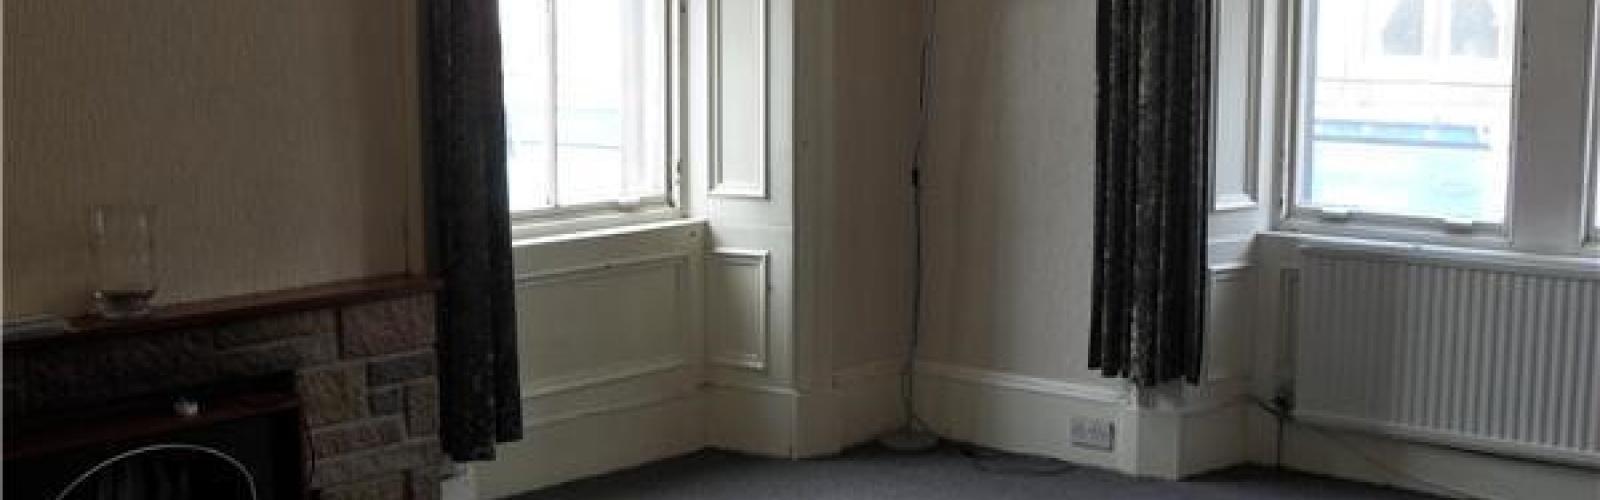 Easter Road,Edinburgh,3 Bedrooms Bedrooms,1 BathroomBathrooms,Flat,Easter Road,2,1002